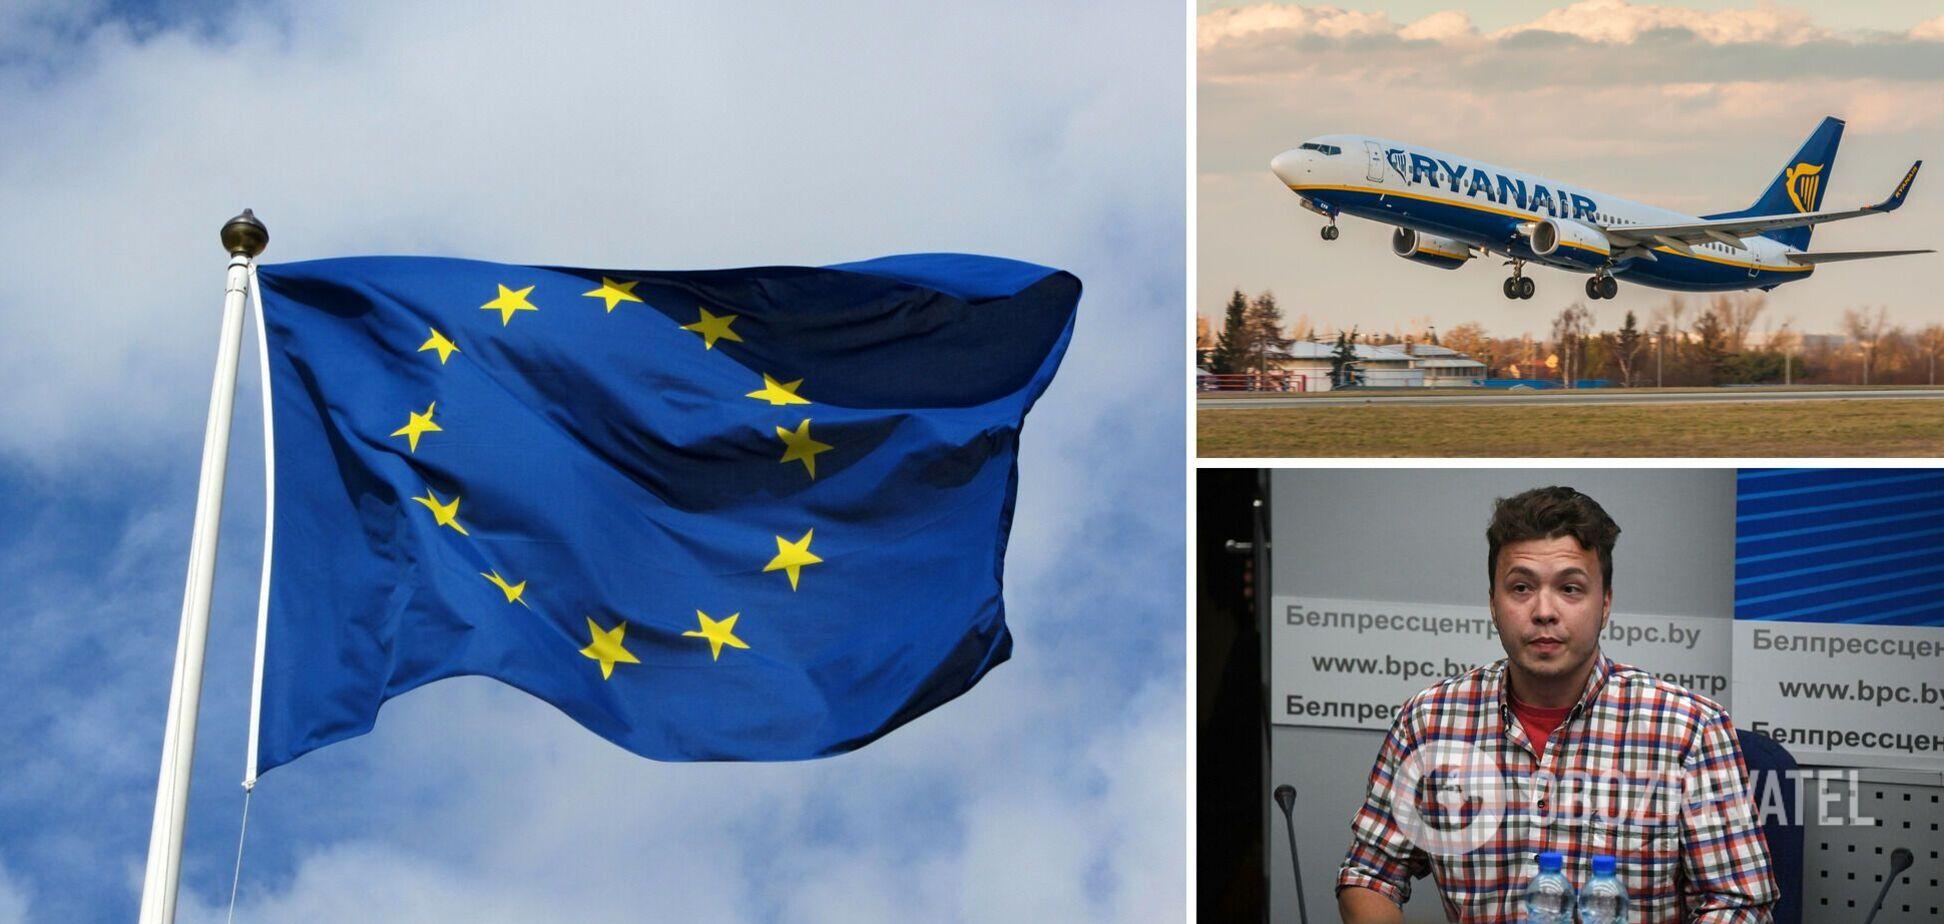 В ЕС согласятся заморозить активы и запретить въезд десяткам белорусских чиновников, – Йозвяк